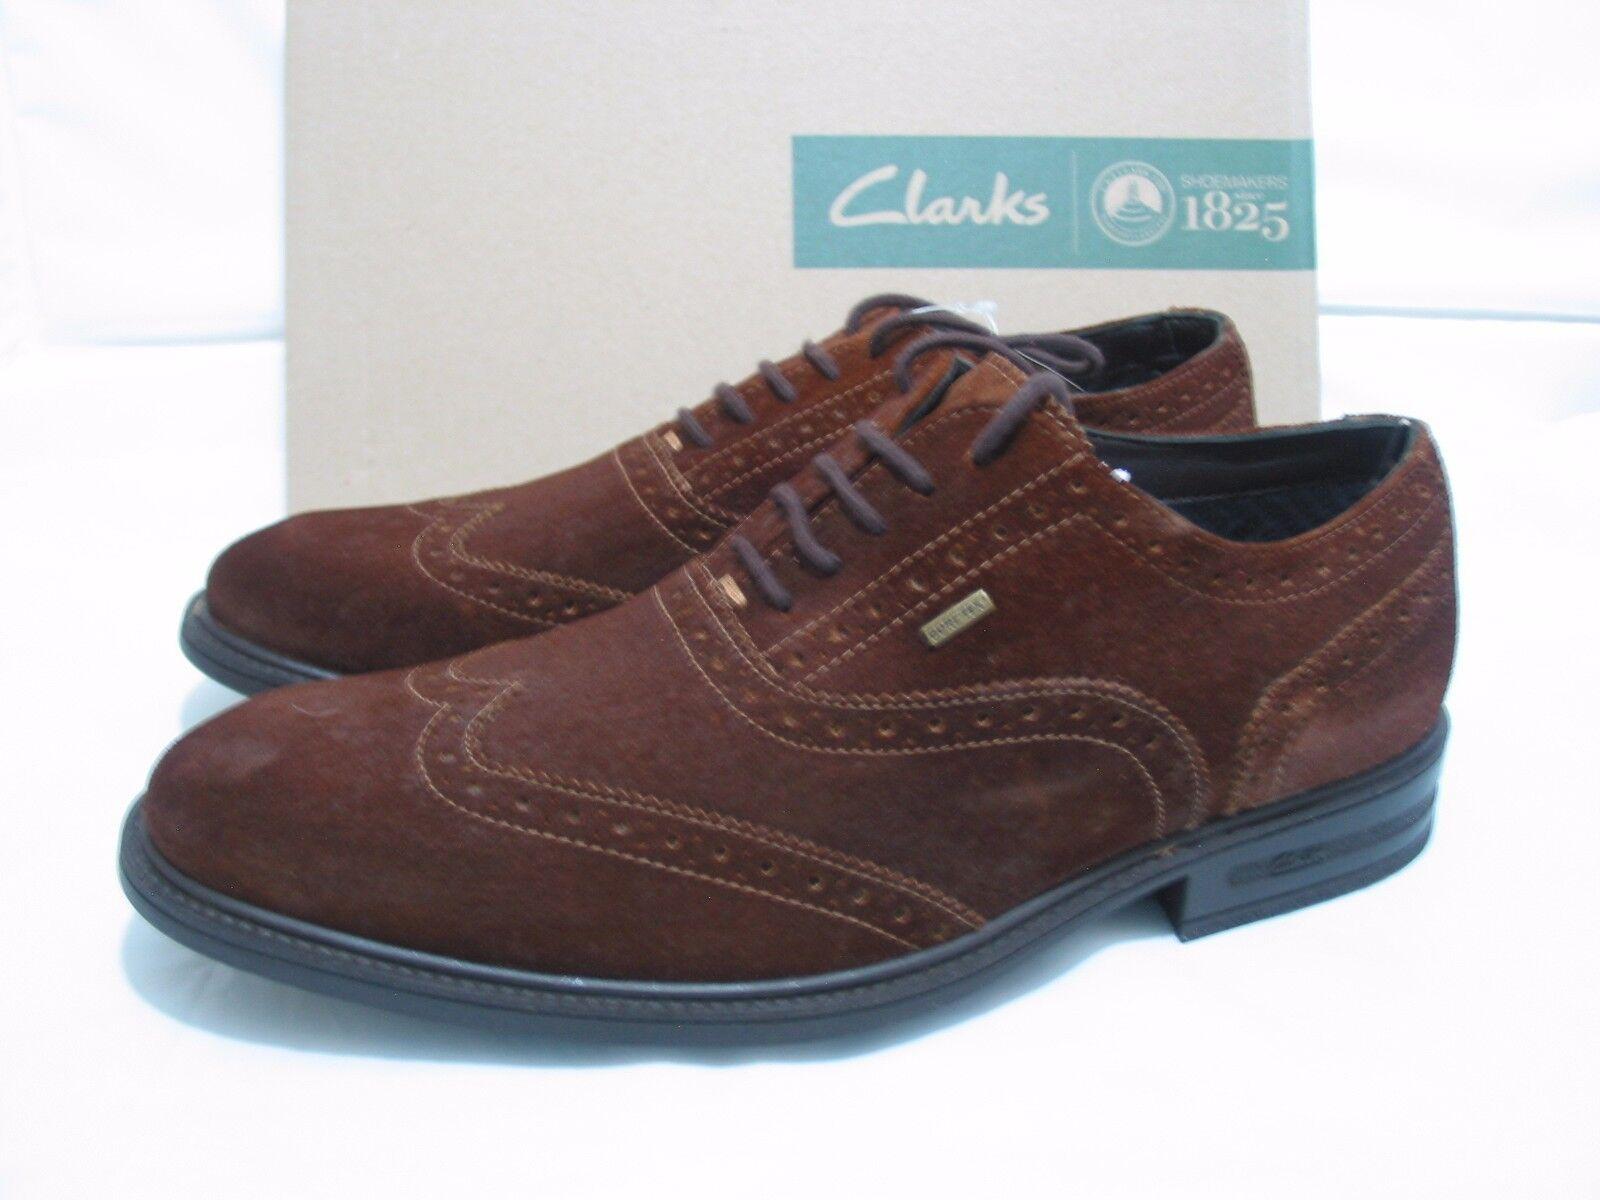 9d9005a9f Nuevo Para hombres hombres hombres CLARKS otoño duro GORETEX Cuero Calado  Zapatos Talla 7 G Fit